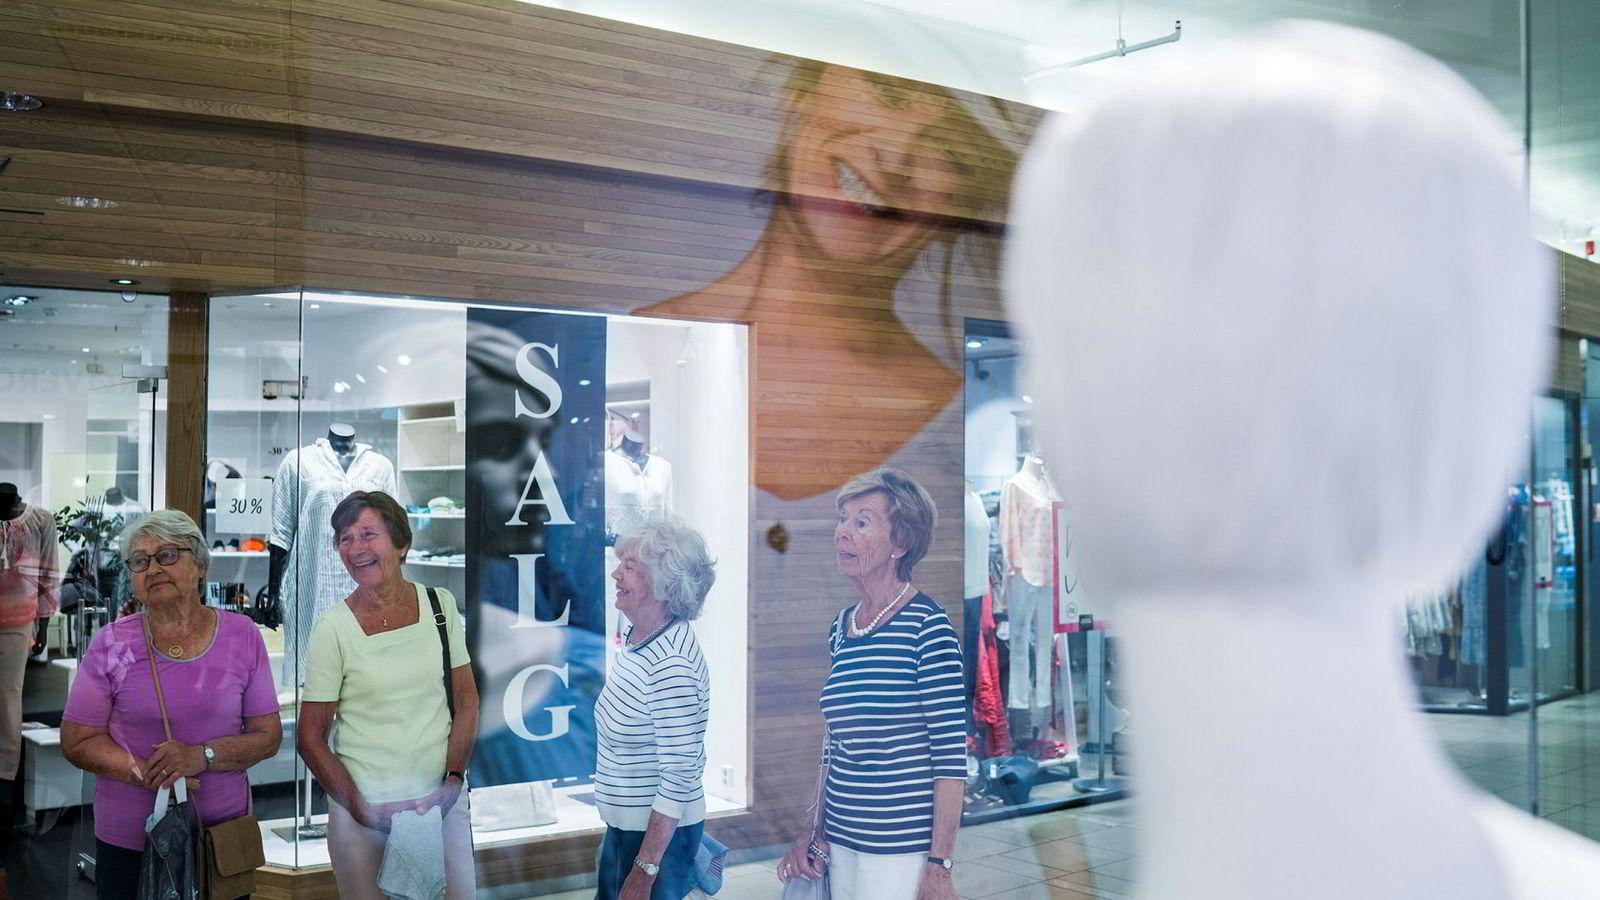 Kleskjeden PM (tidligere Personlig mote) har butikker over hele landet og har rettet seg inn mot en godt voksen målgruppe. Her fra butikken på Sandvika Storsenter.